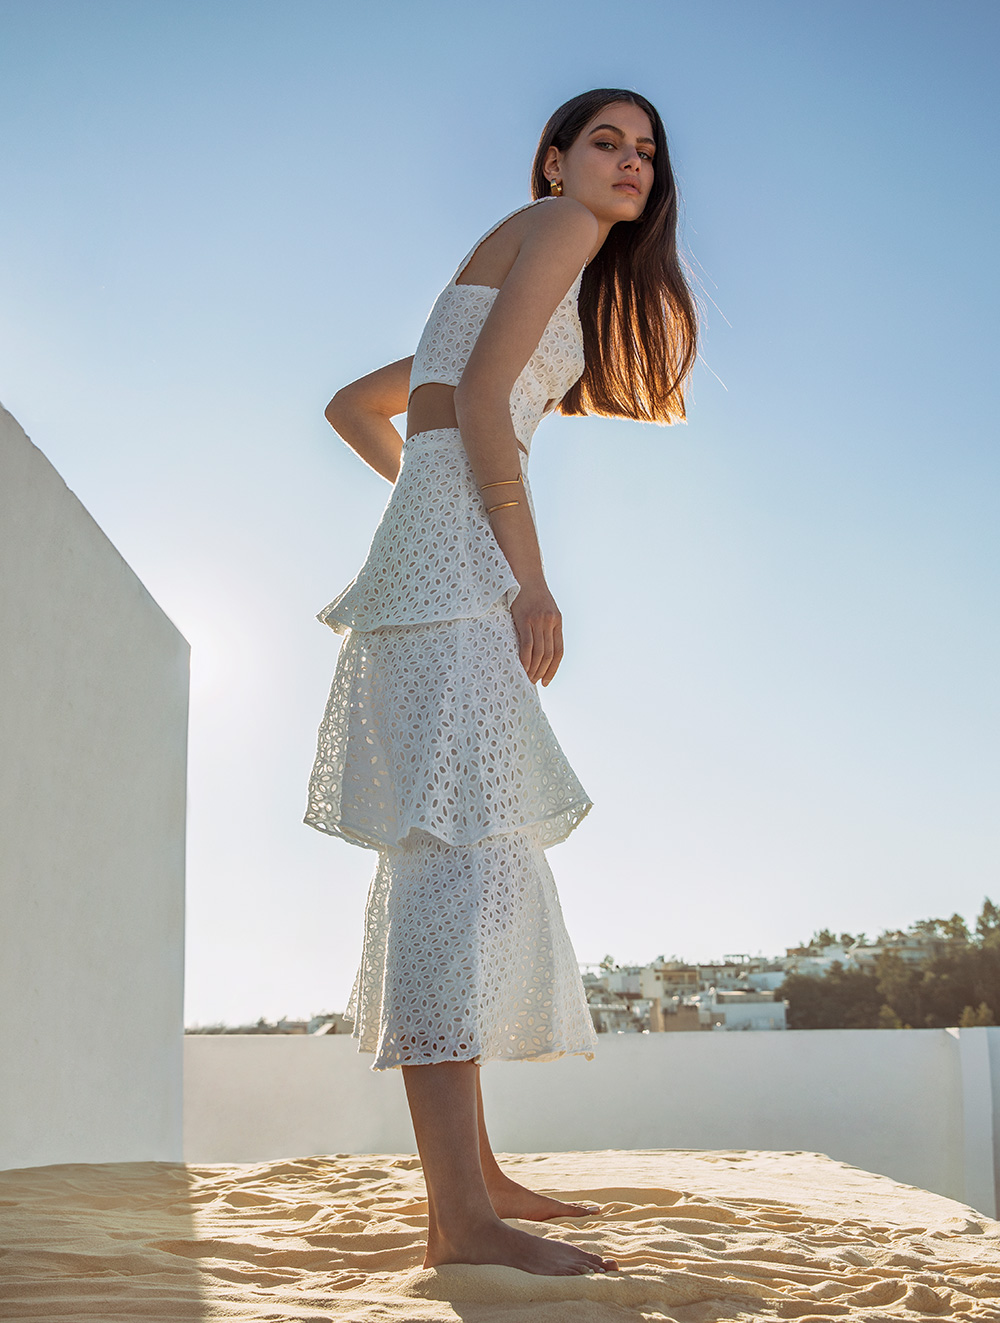 Persephone skirt